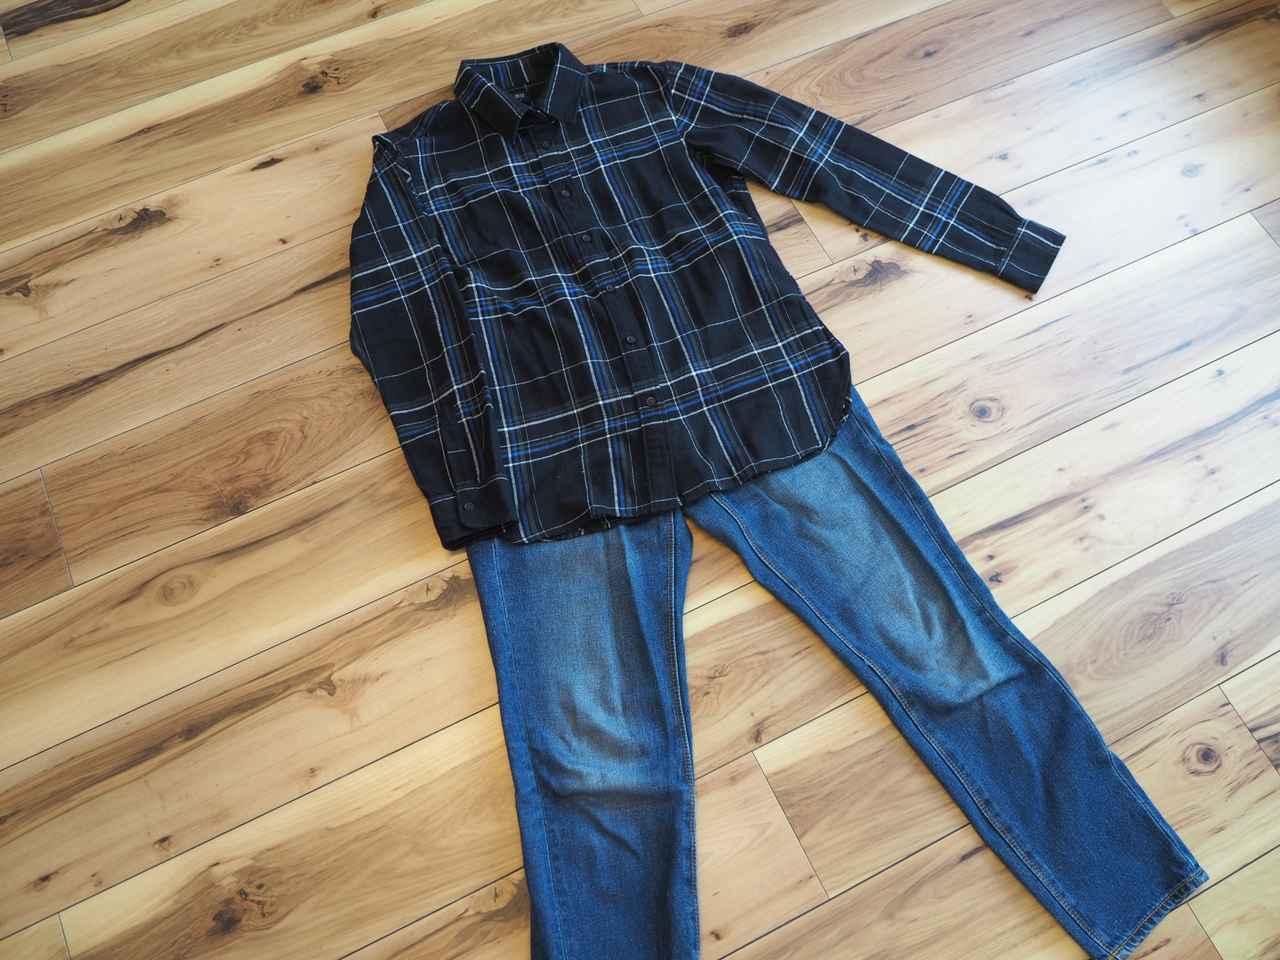 画像: フランネルチェックシャツ:ユニクロ / デニムパンツ :GU(画像:筆者撮影) ちょっと厚地素材のシャツが肌寒い時に助かります。